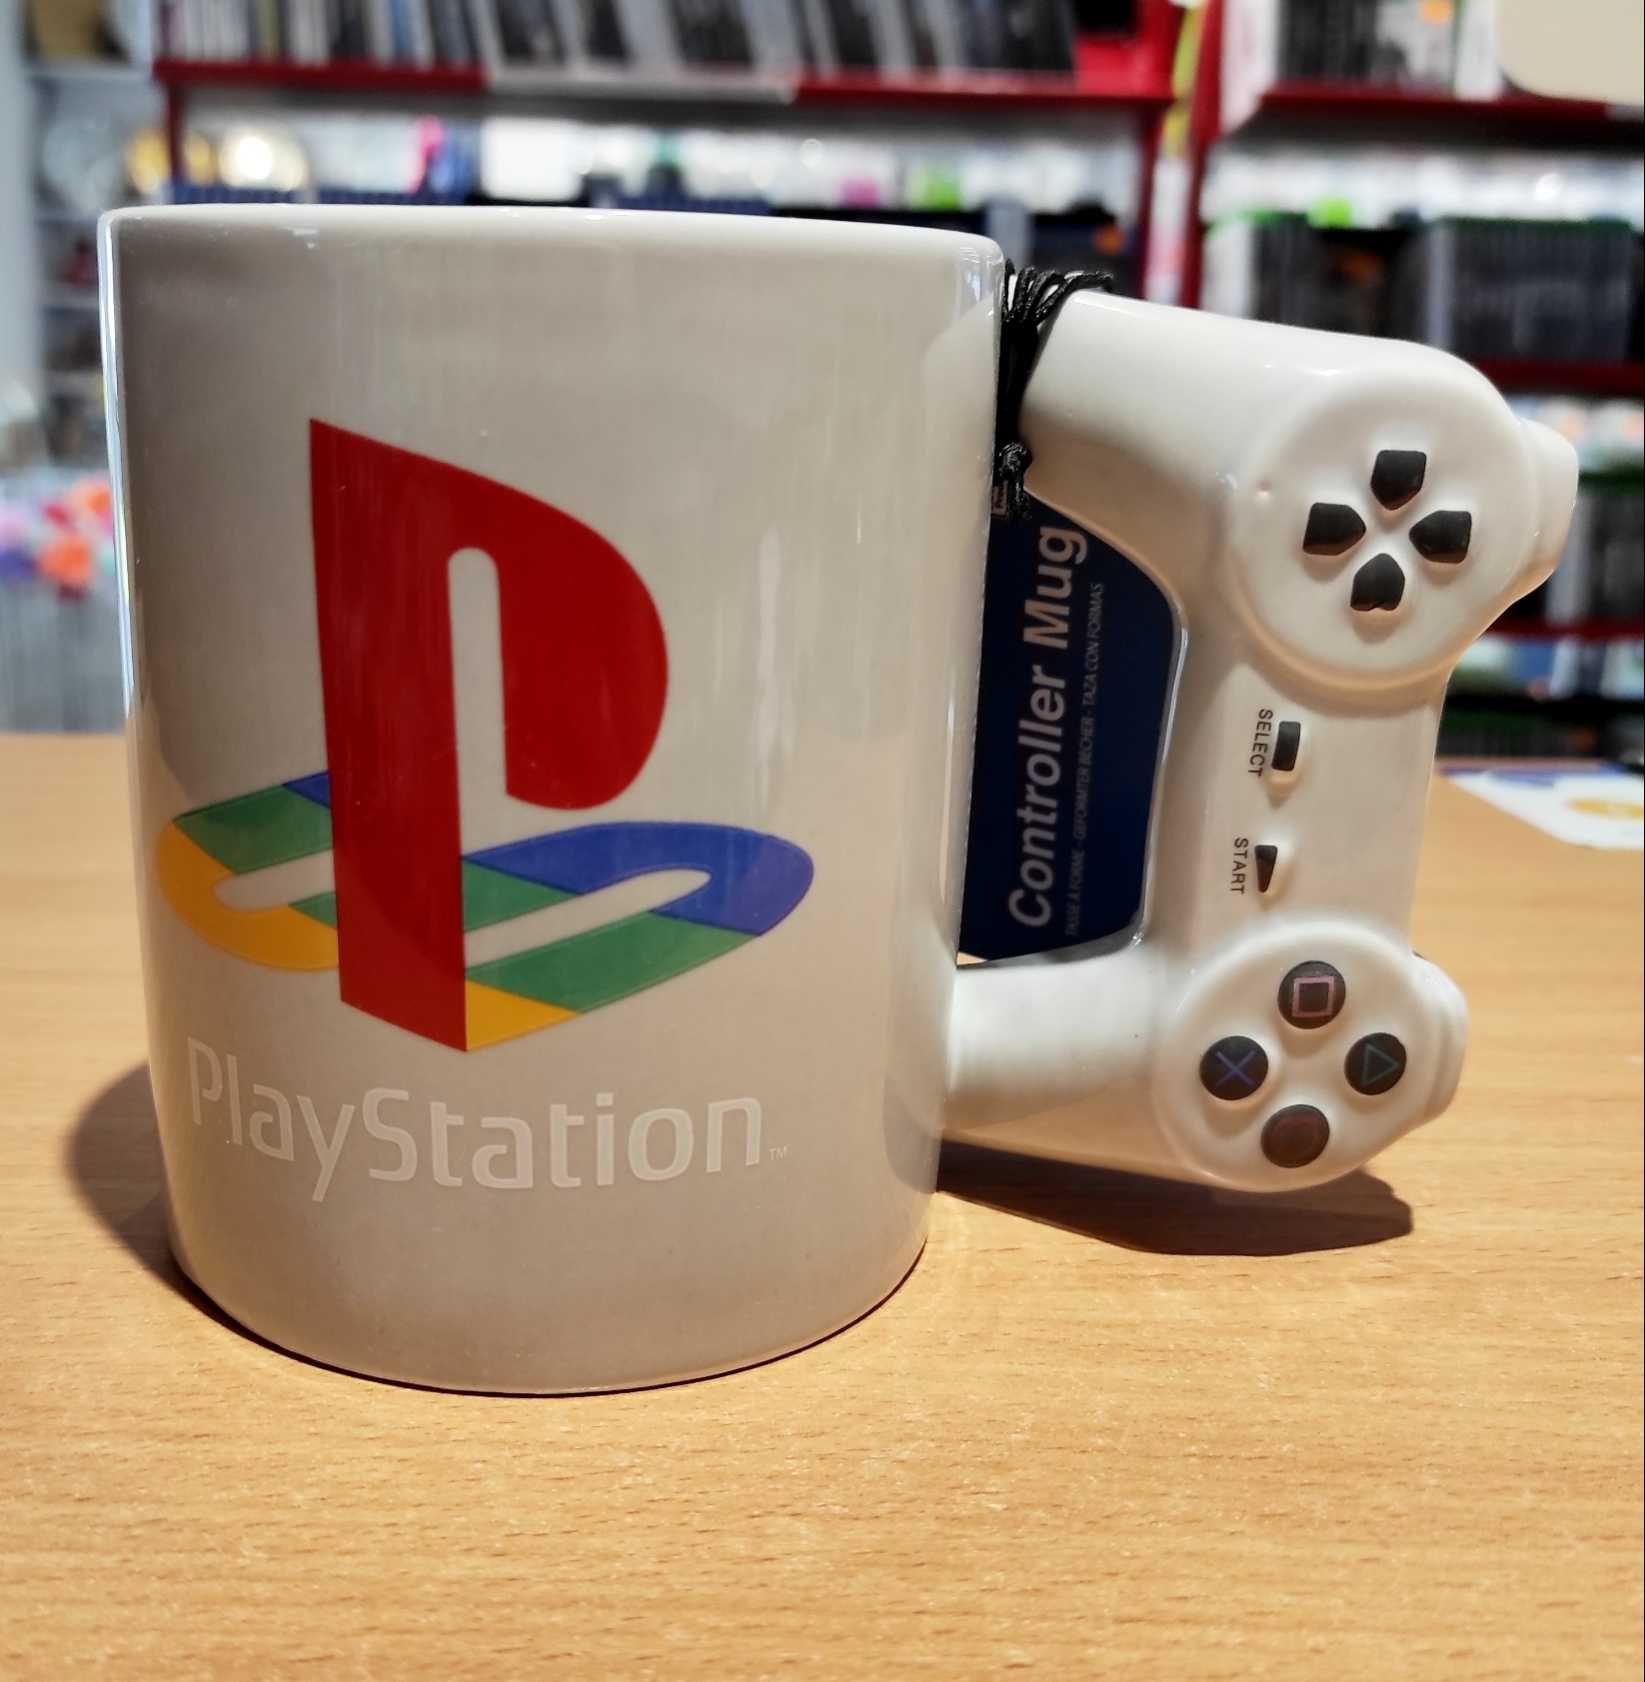 PlayStation, kubek playstation